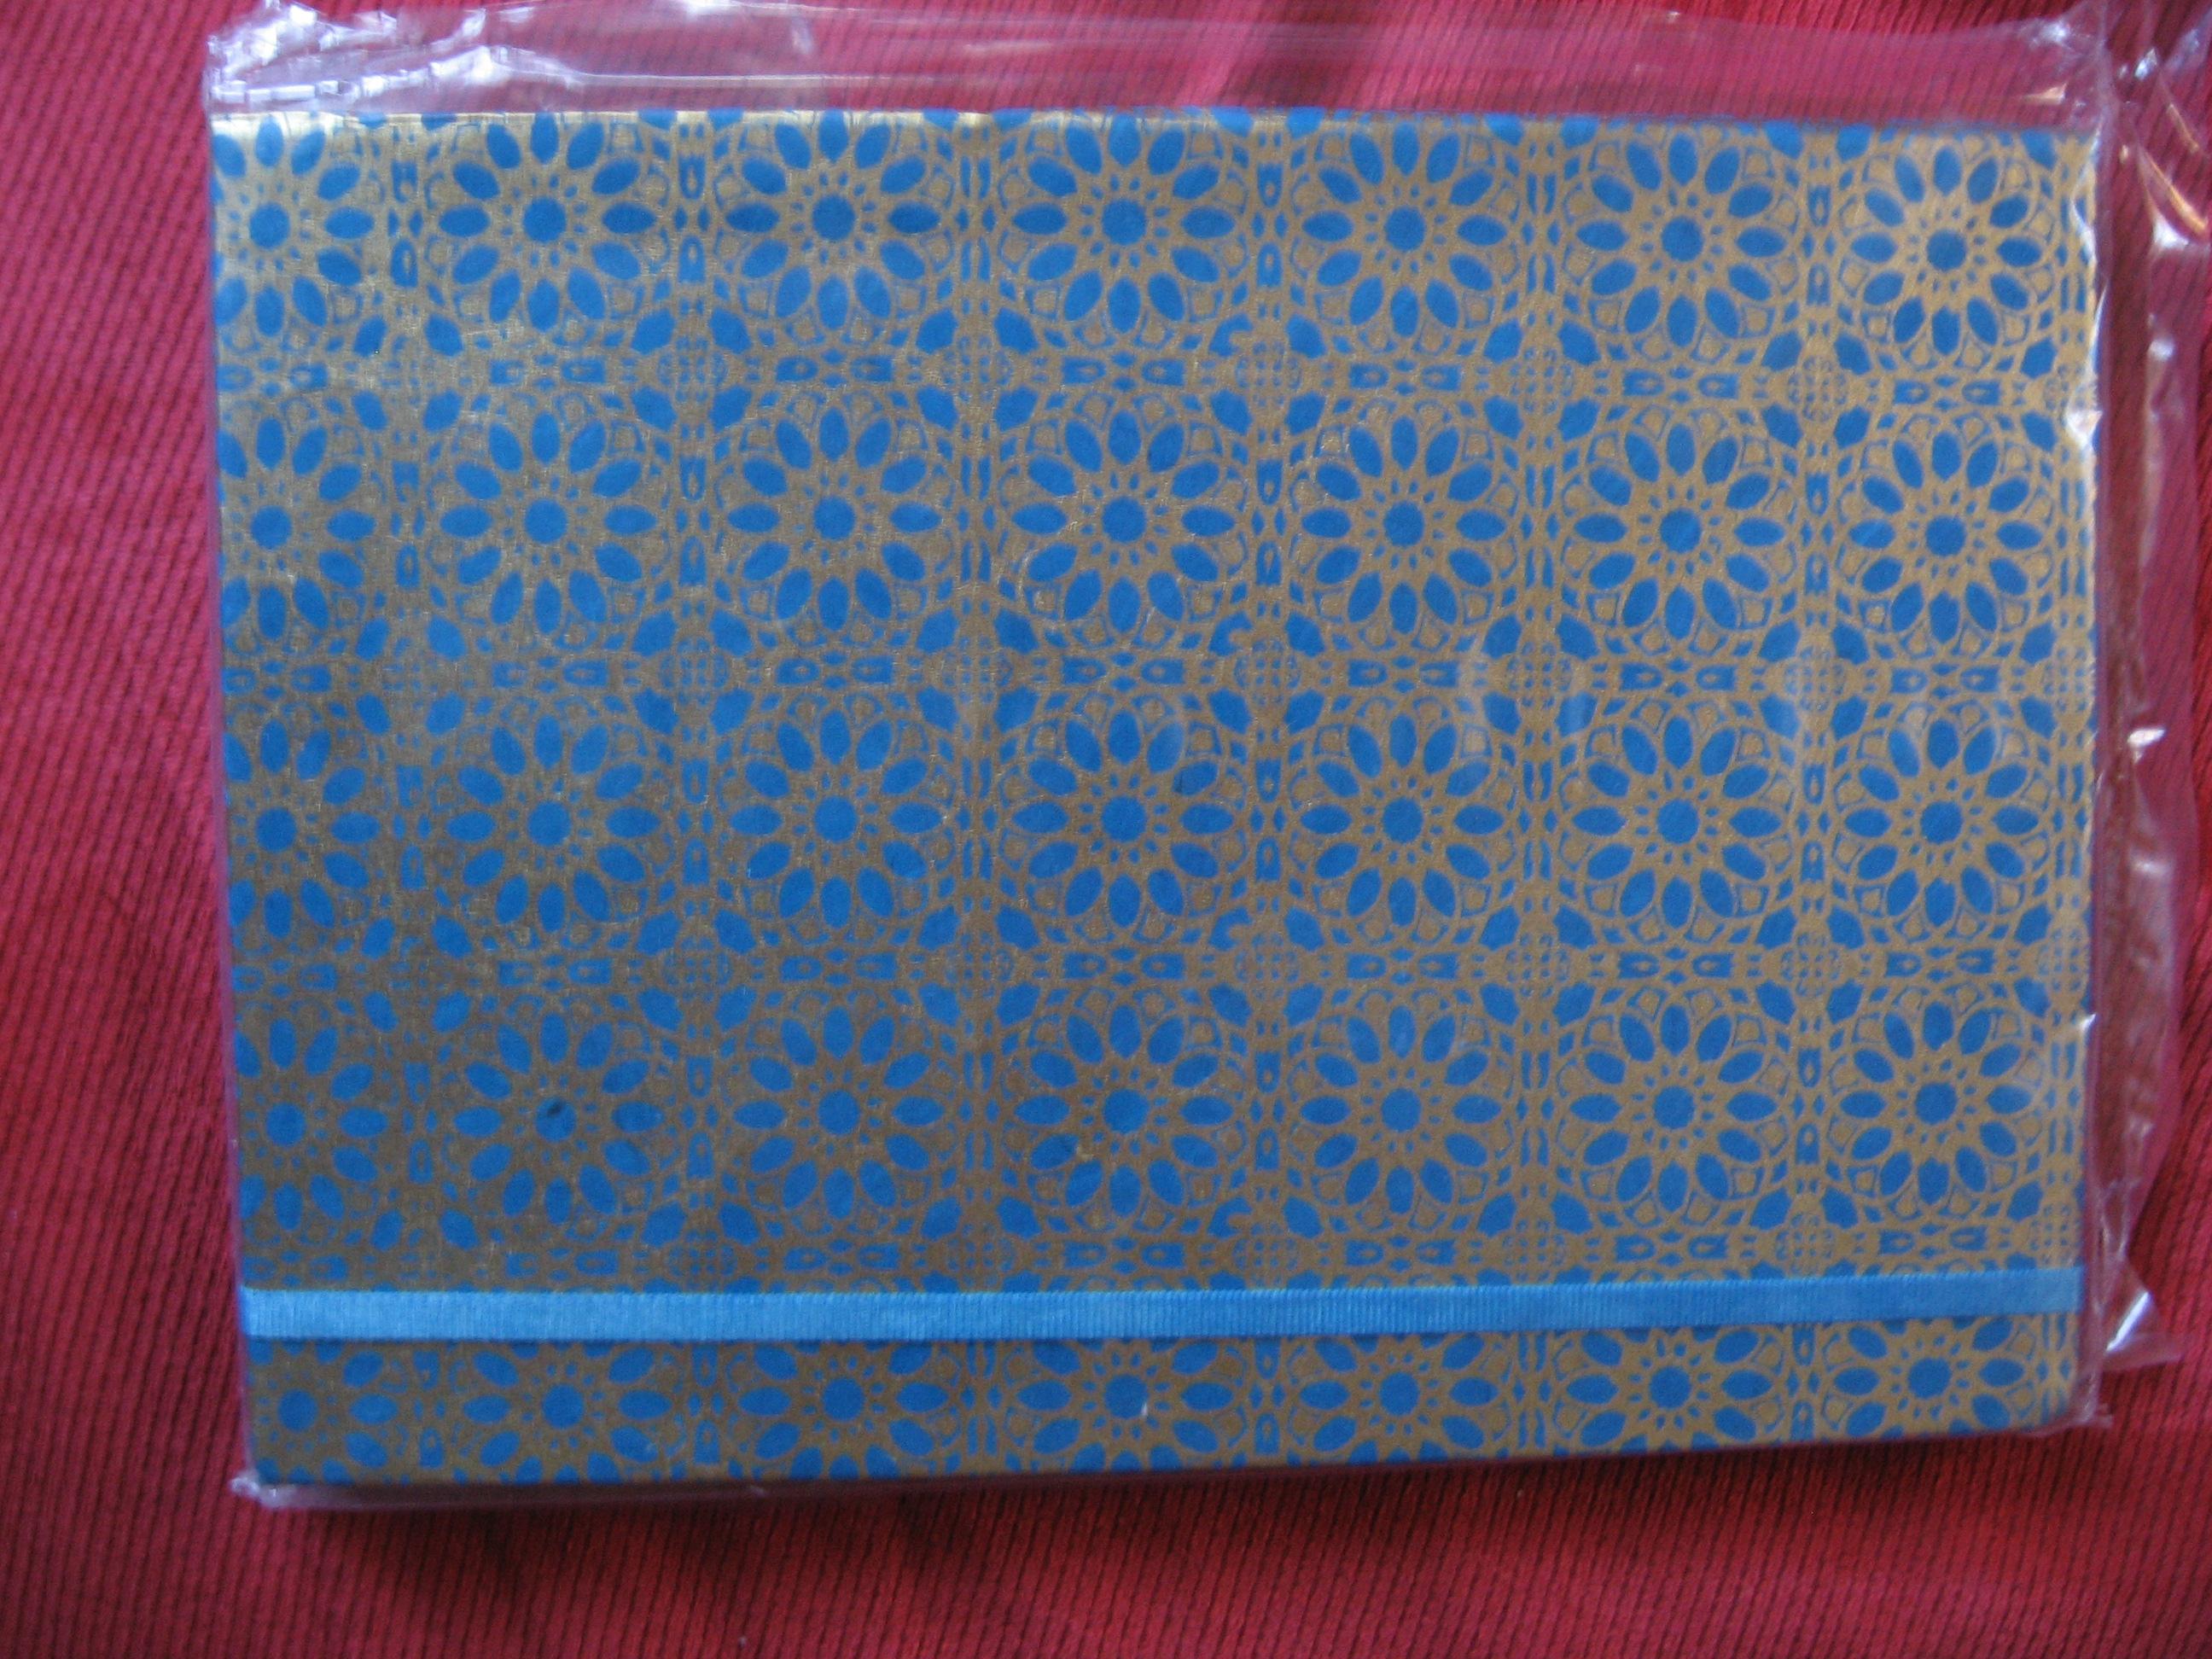 A fair trade notebook from SERRV.